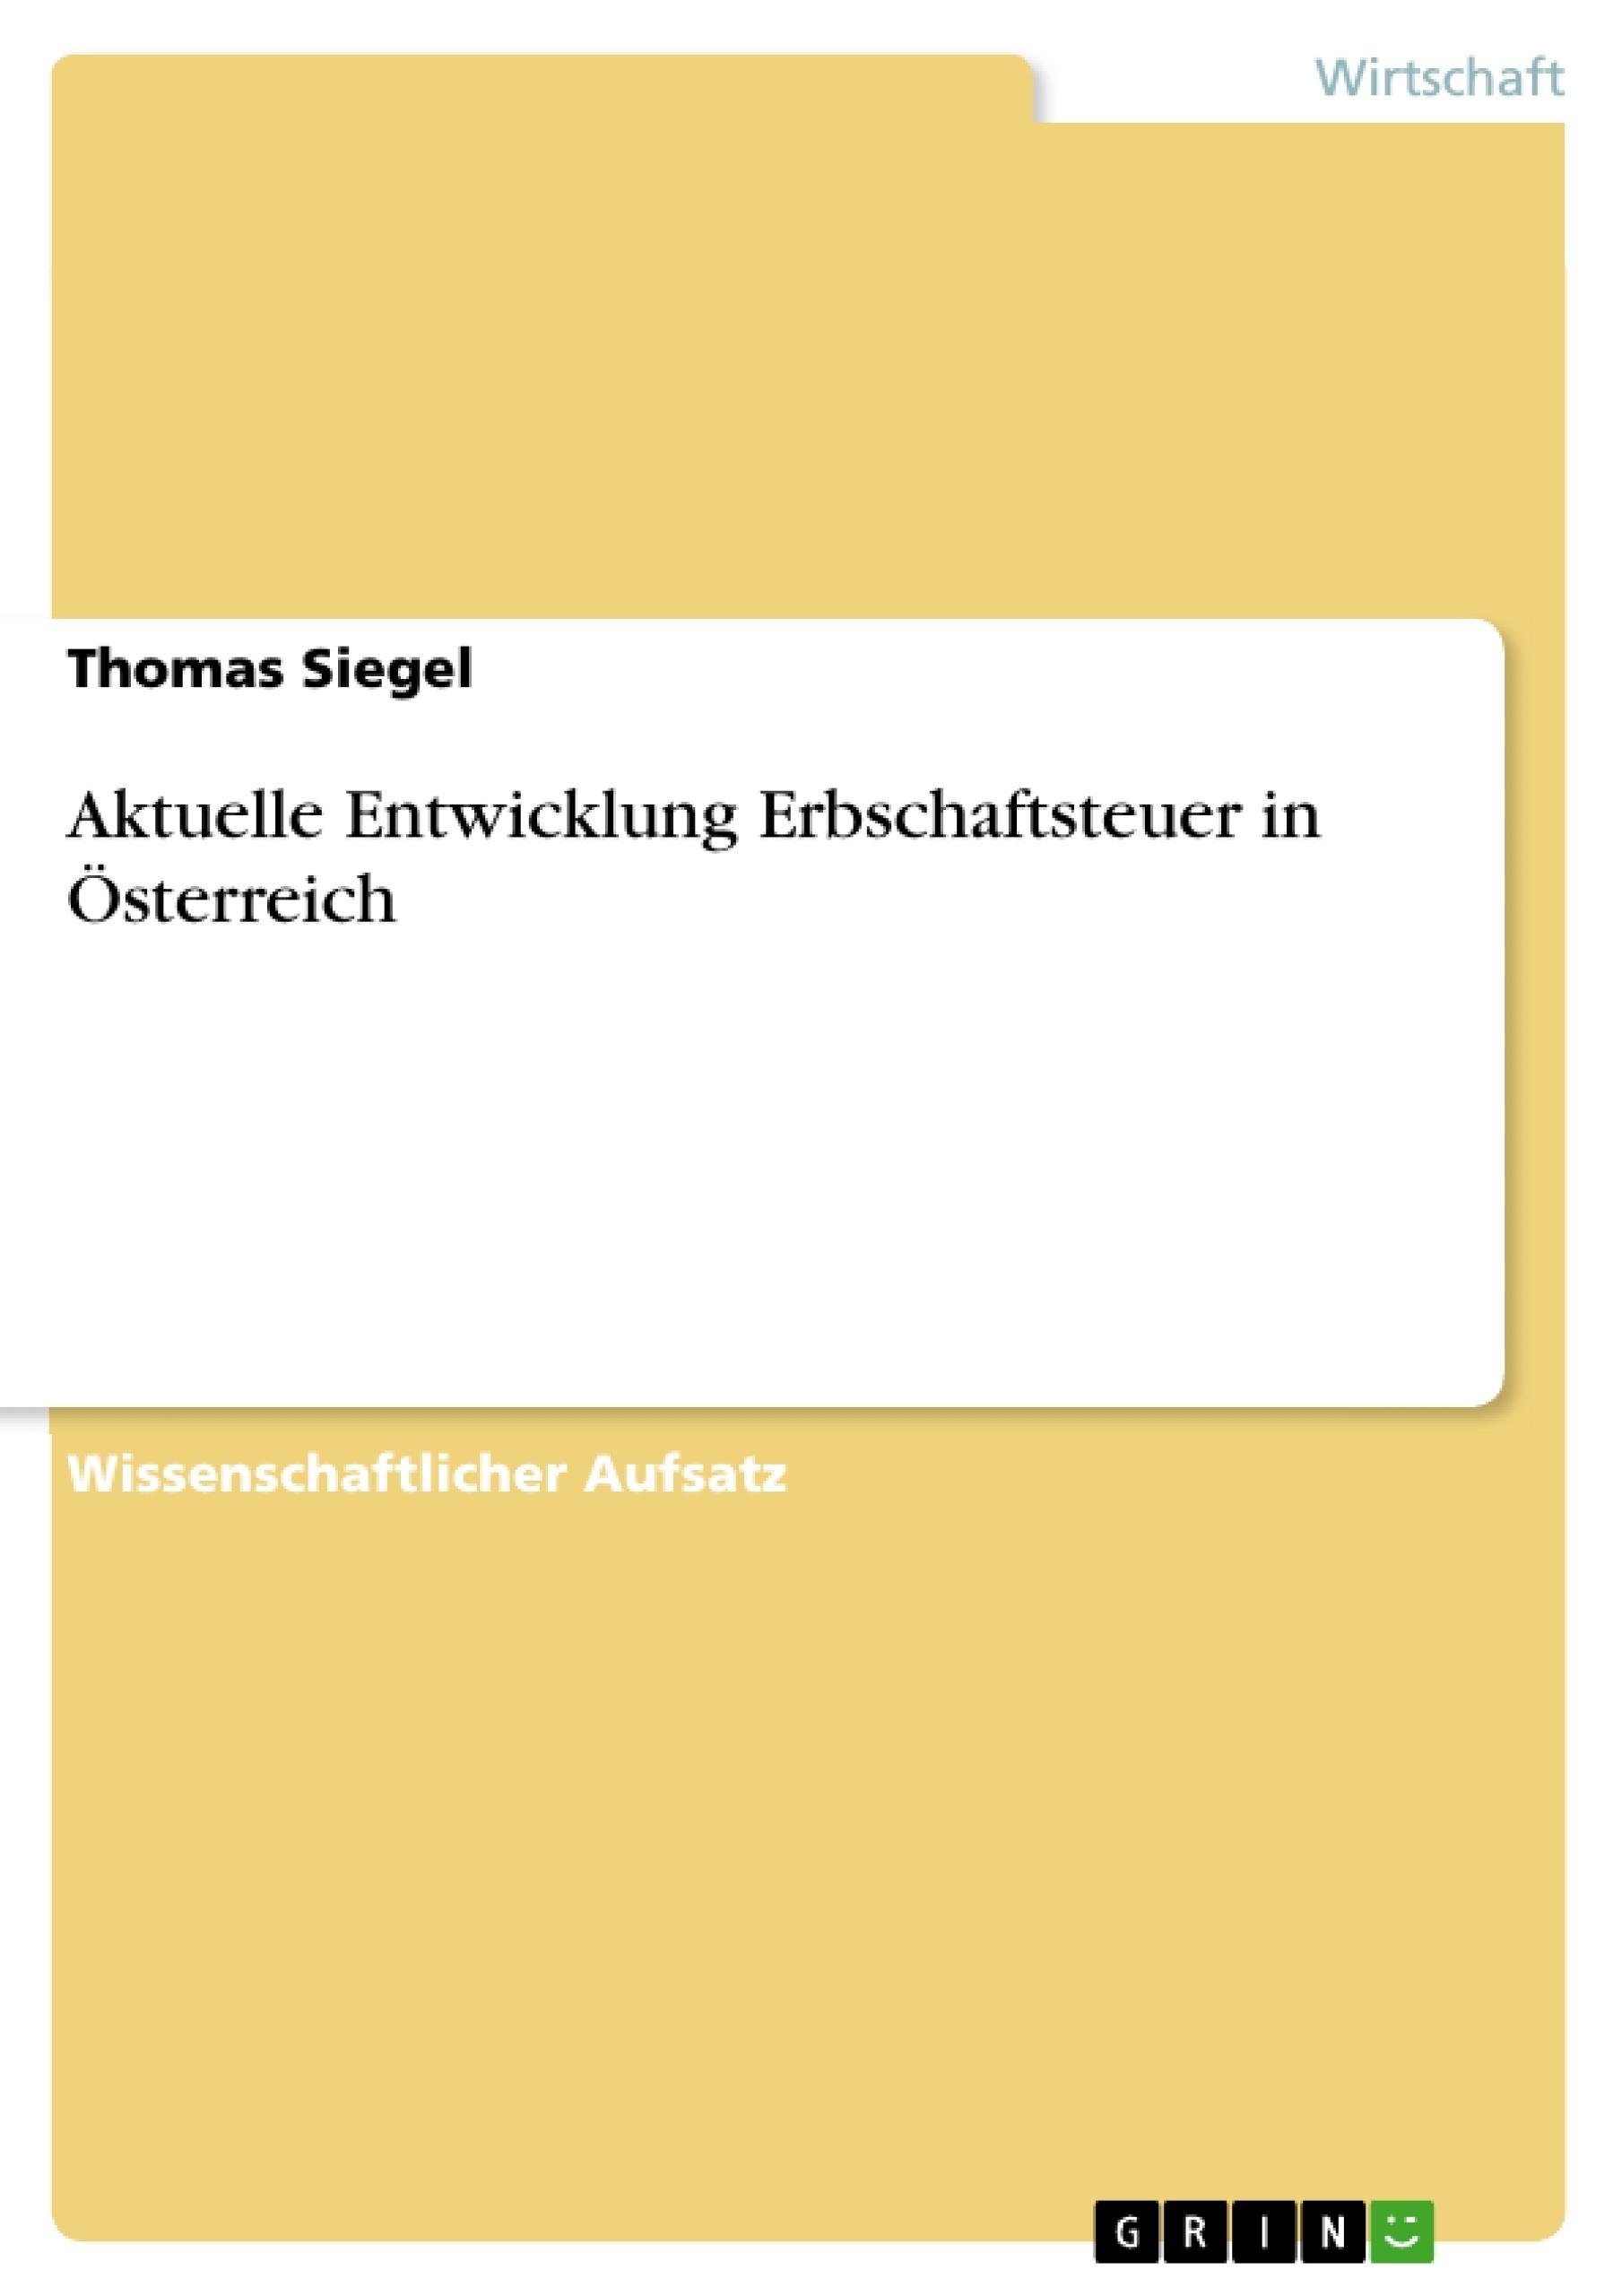 Titel: Aktuelle Entwicklung Erbschaftsteuer in Österreich